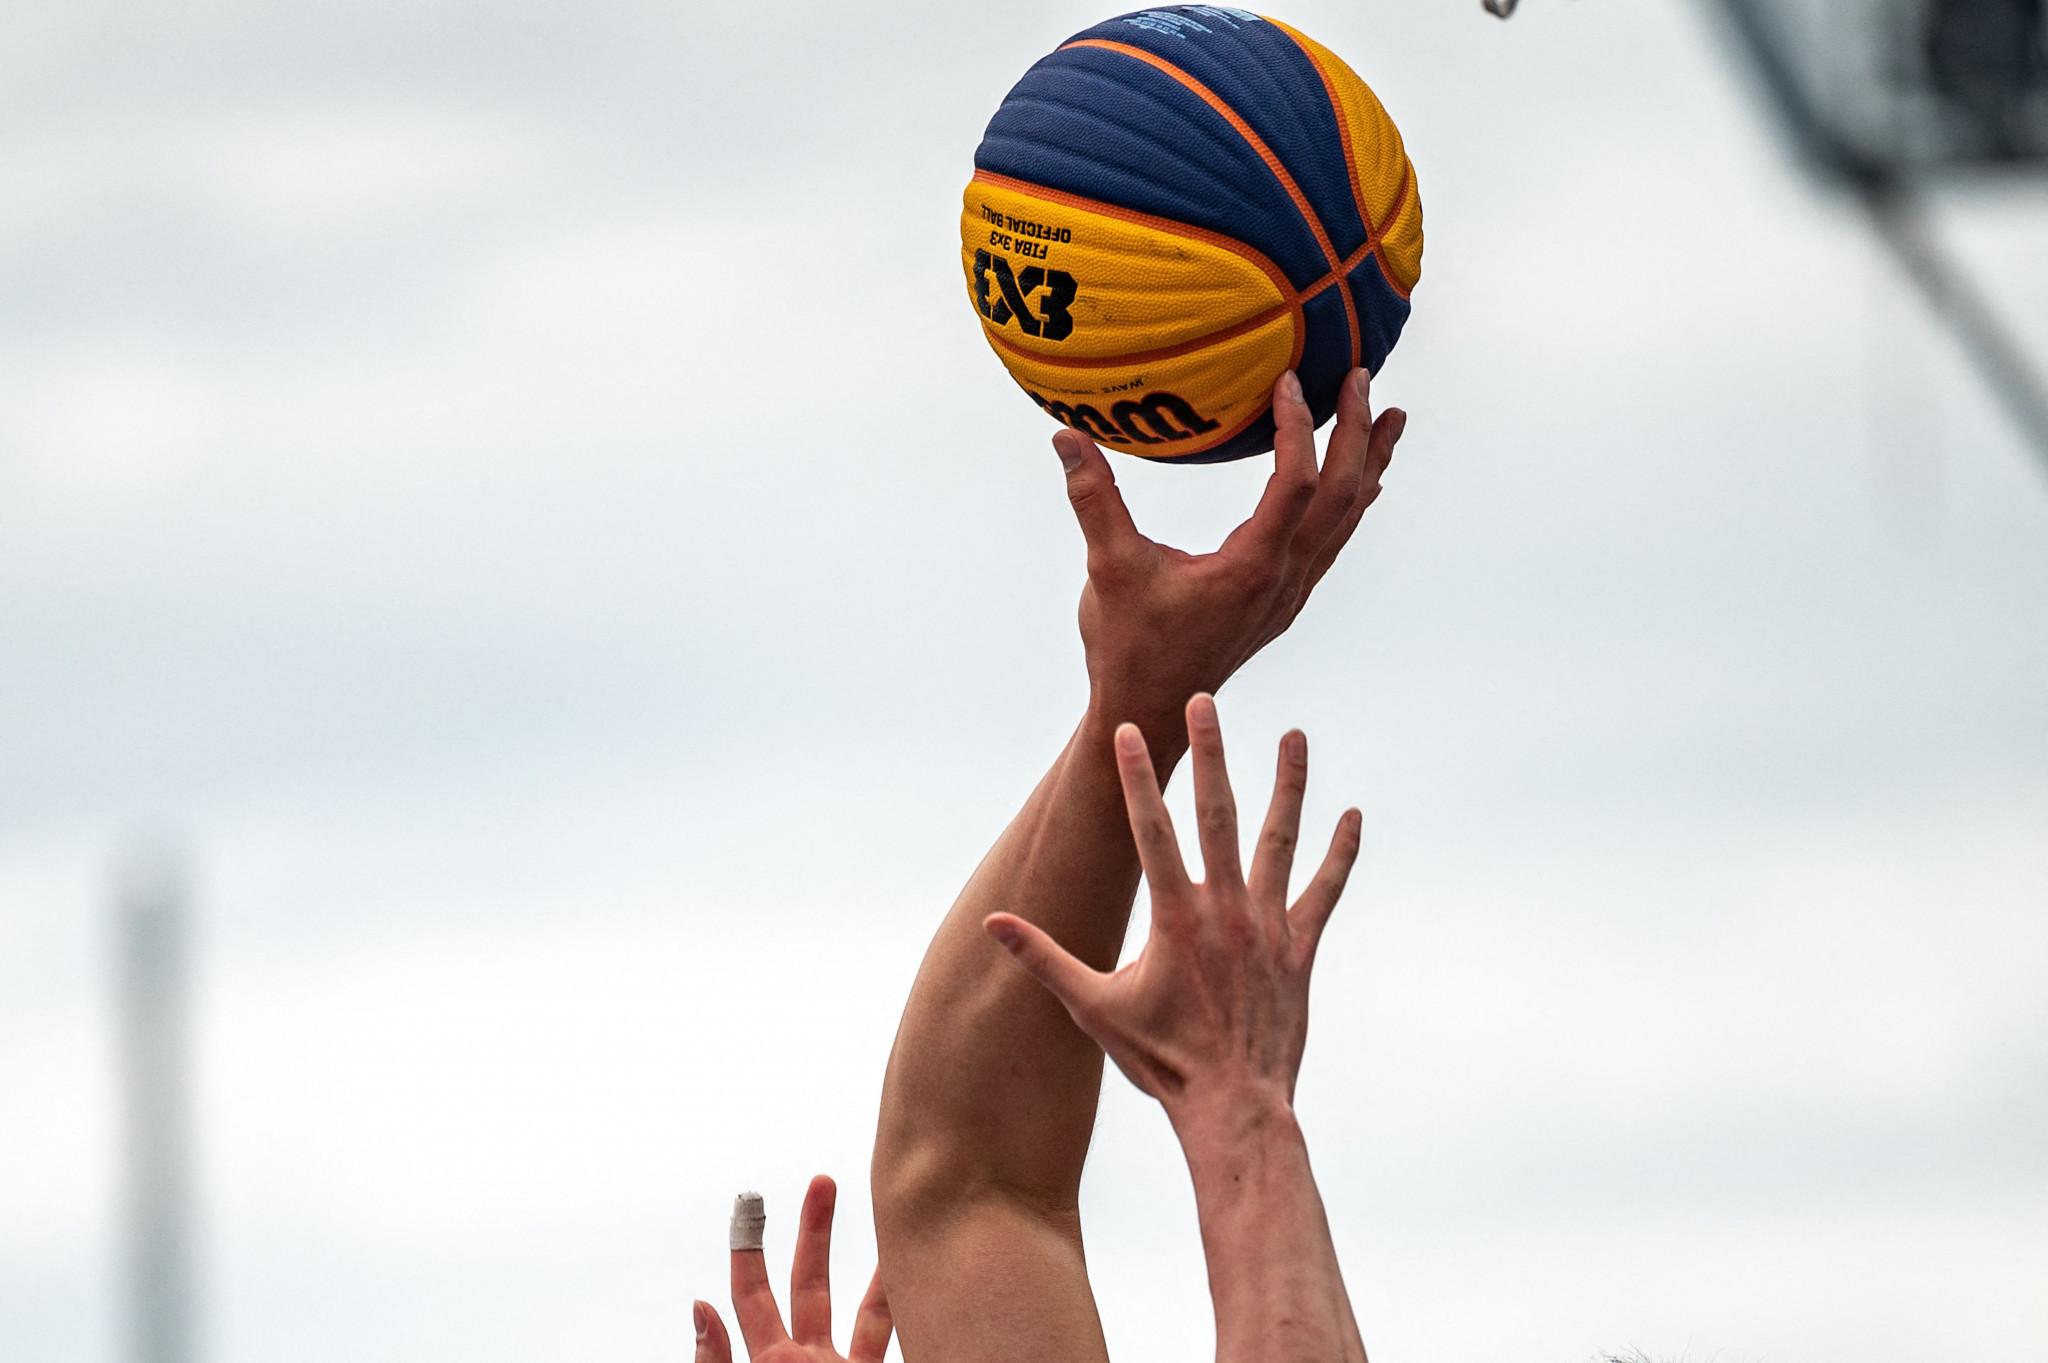 Graz gathers 40 3x3 basketball teams seeking six Tokyo 2020 places